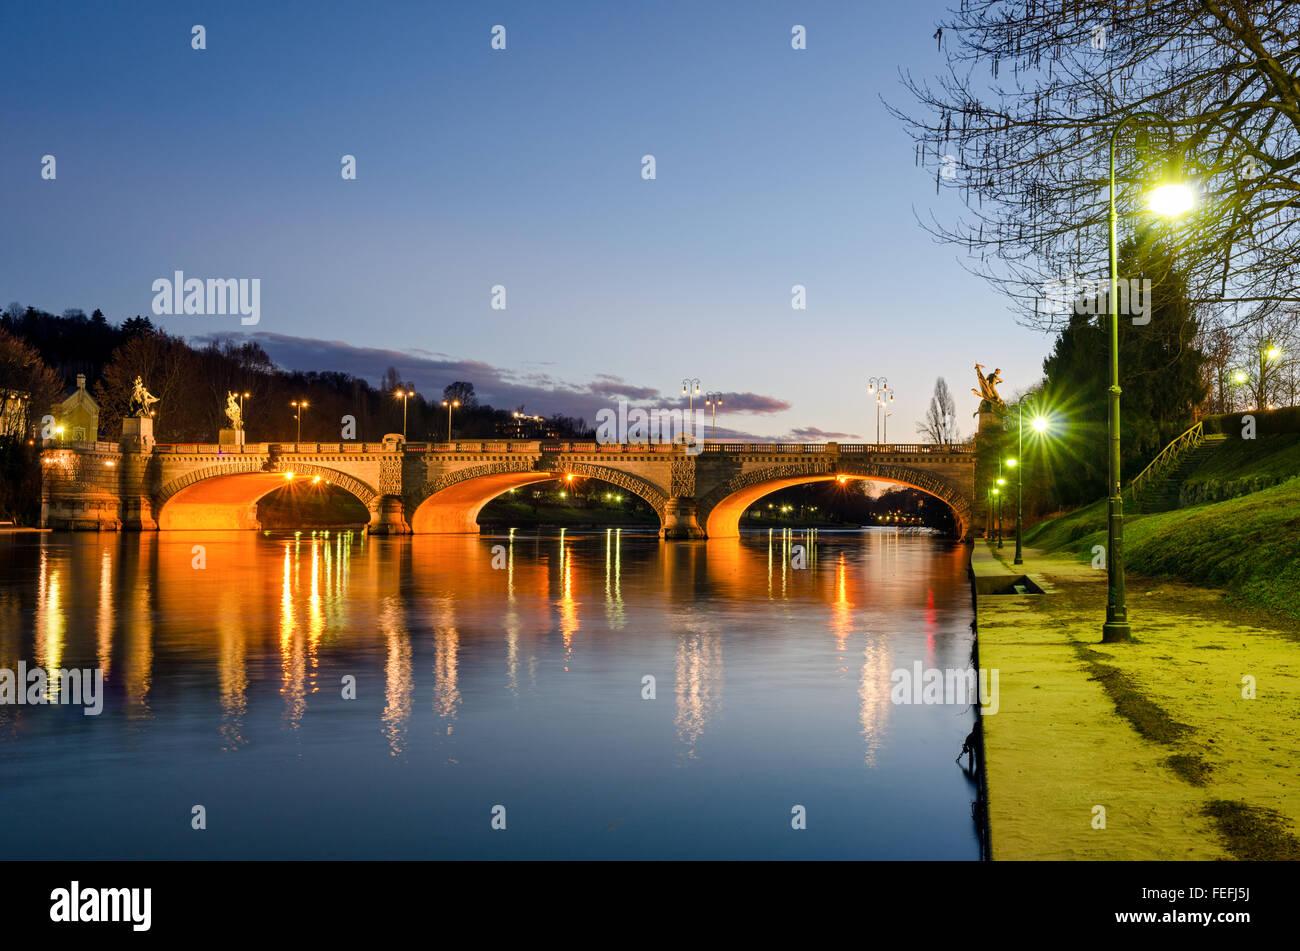 Turín (Torino), el río Po y el puente Umberto I al atardecer Foto de stock